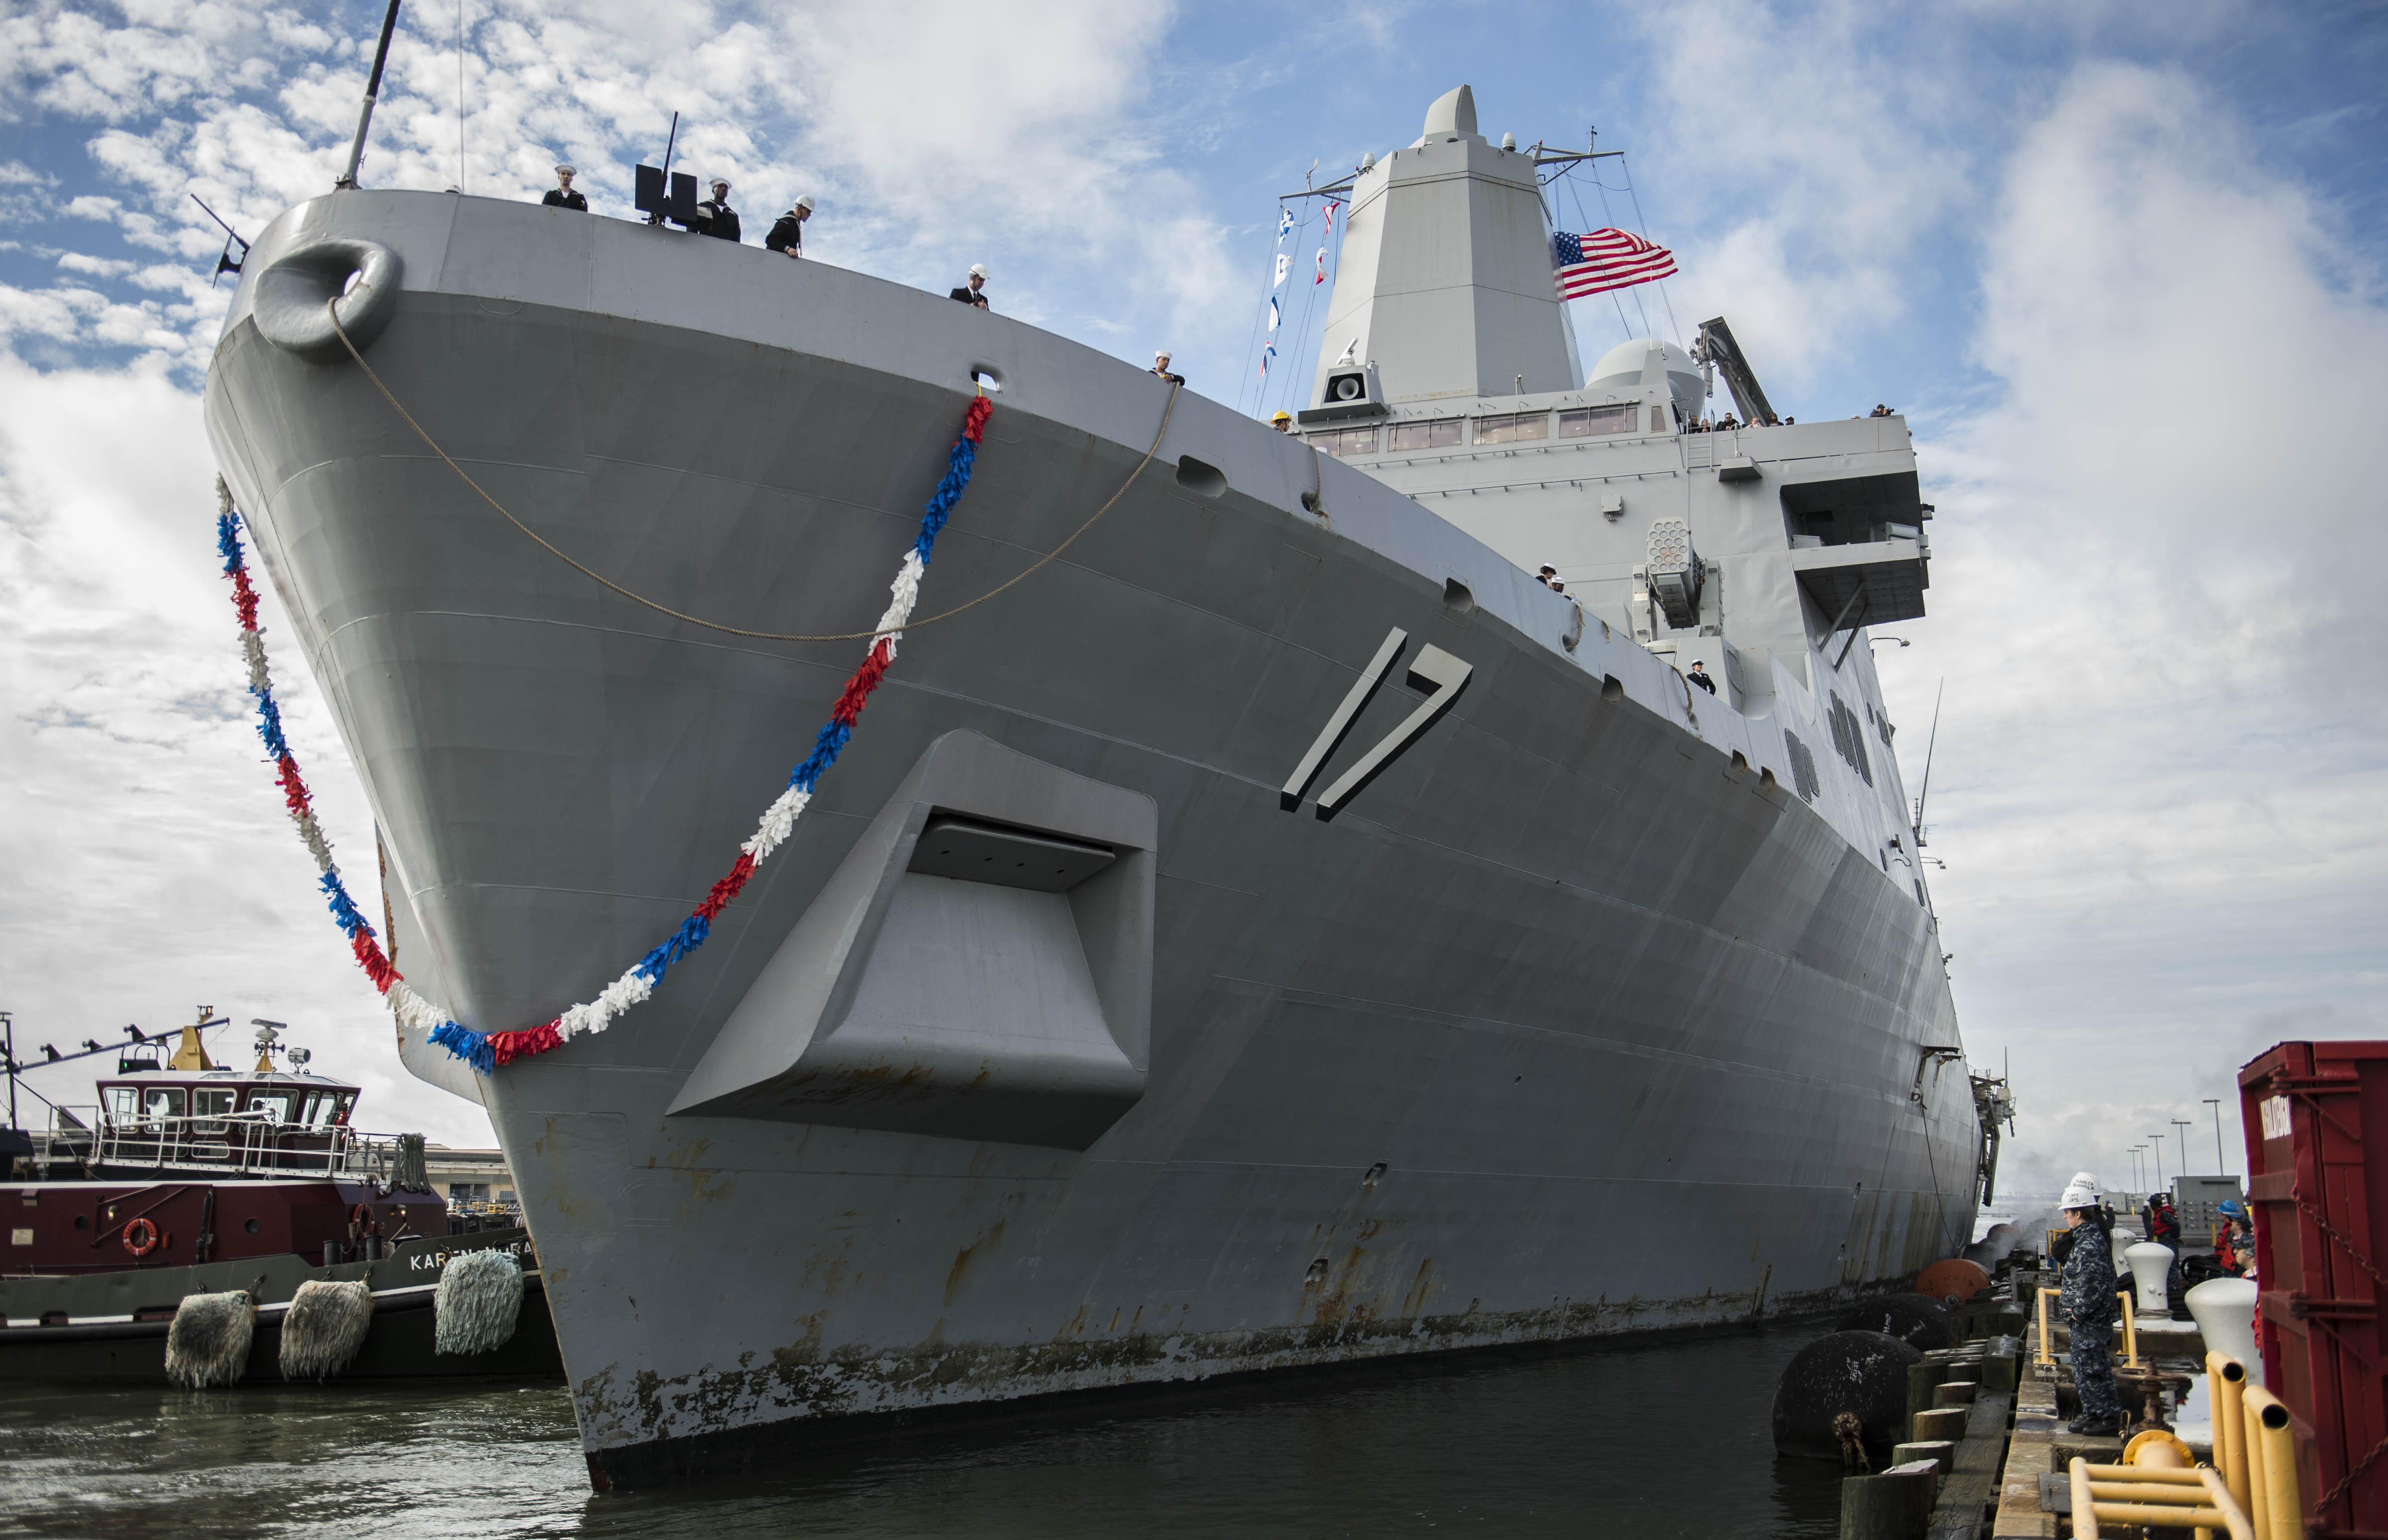 USS SAN ANTONIO LPD-17 Einlaufen Norfolk 07.11.2013Bild: U.S. Navy